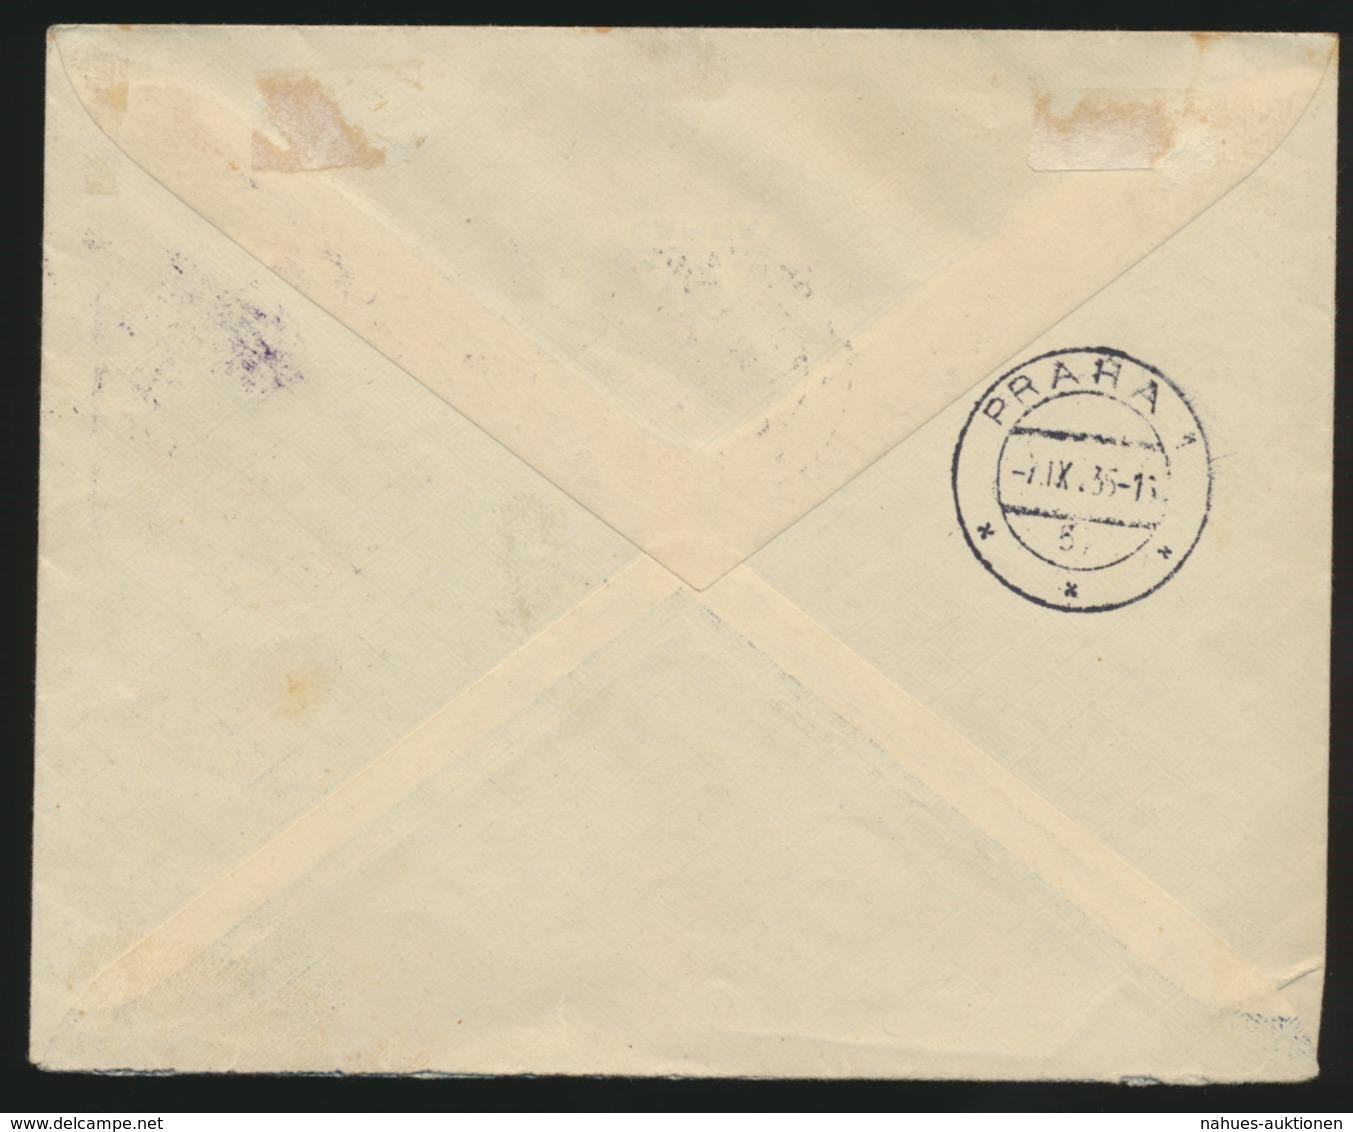 Bulgarien Flugpost Brief Nach Prag Tschechoslowakei 6.9.1935 - Bulgarien